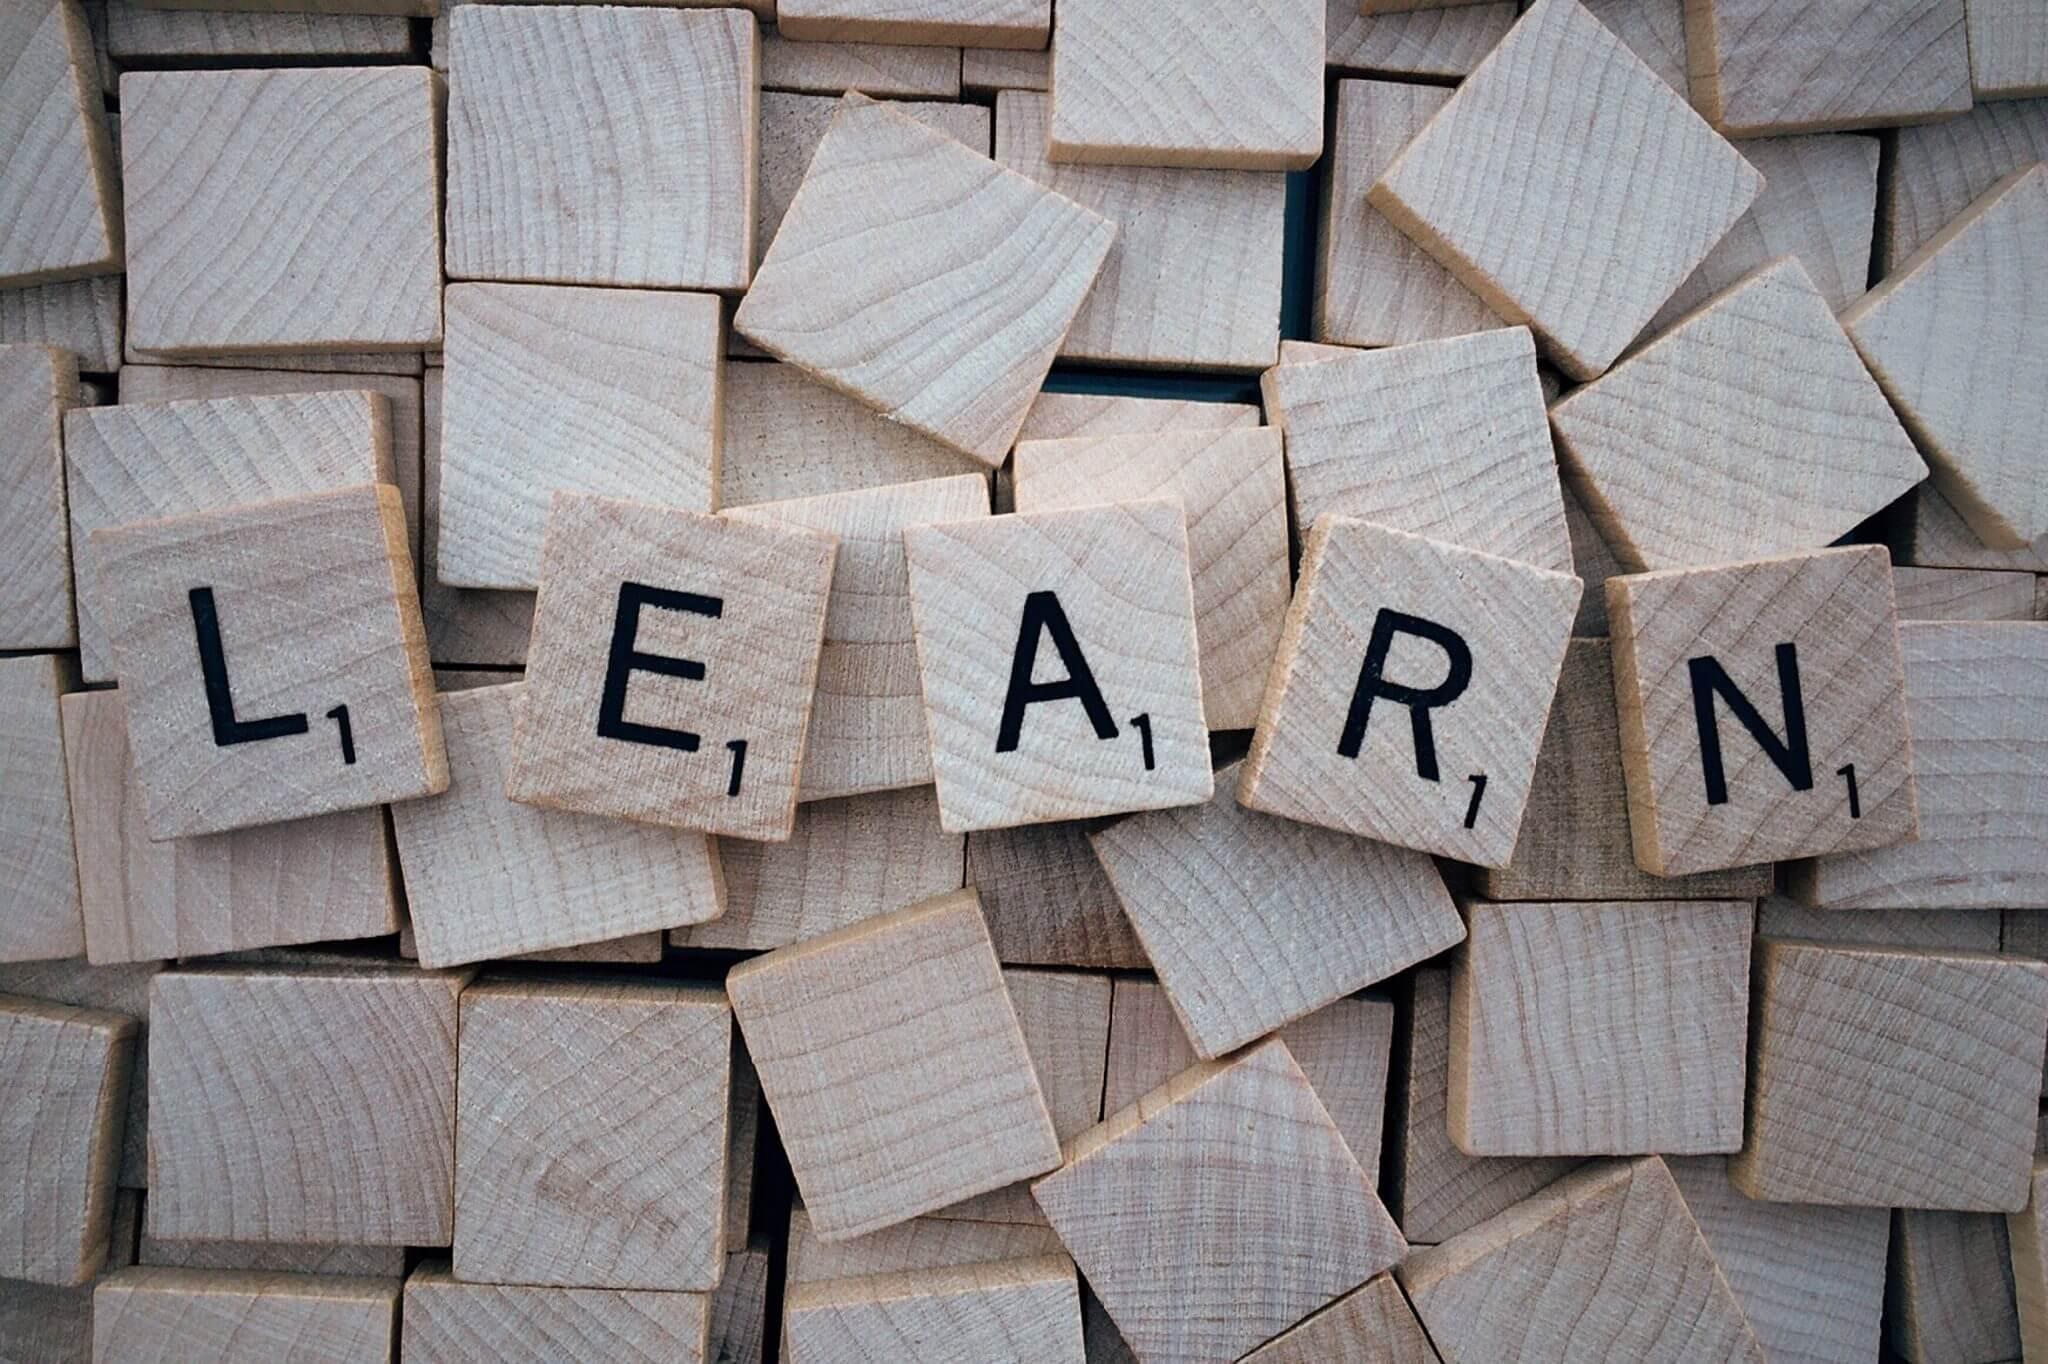 Learn spelt out in wooden scrabble letters